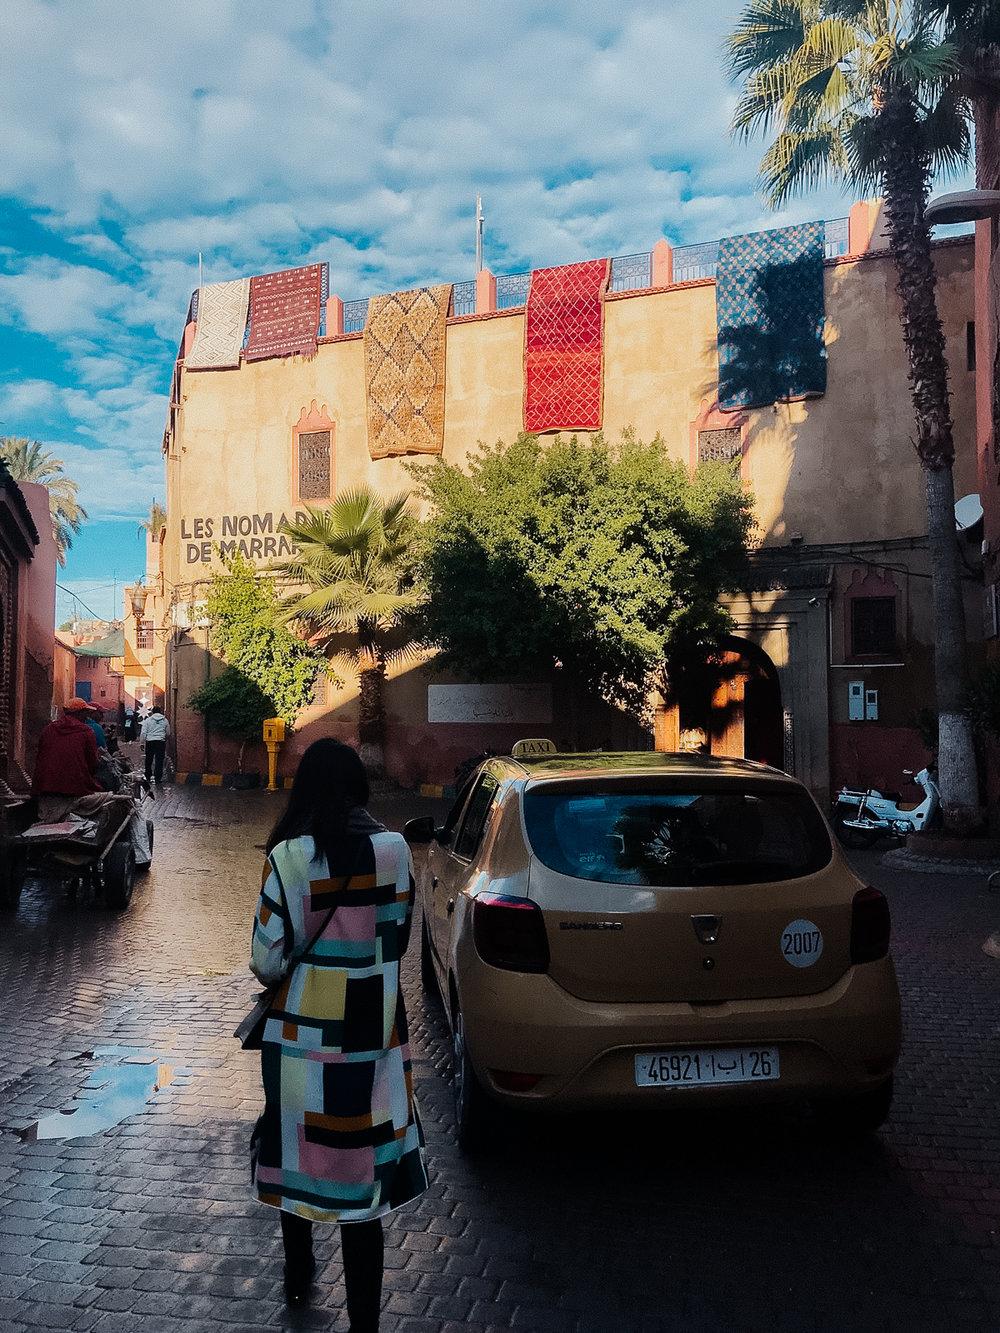 streets of the Medina